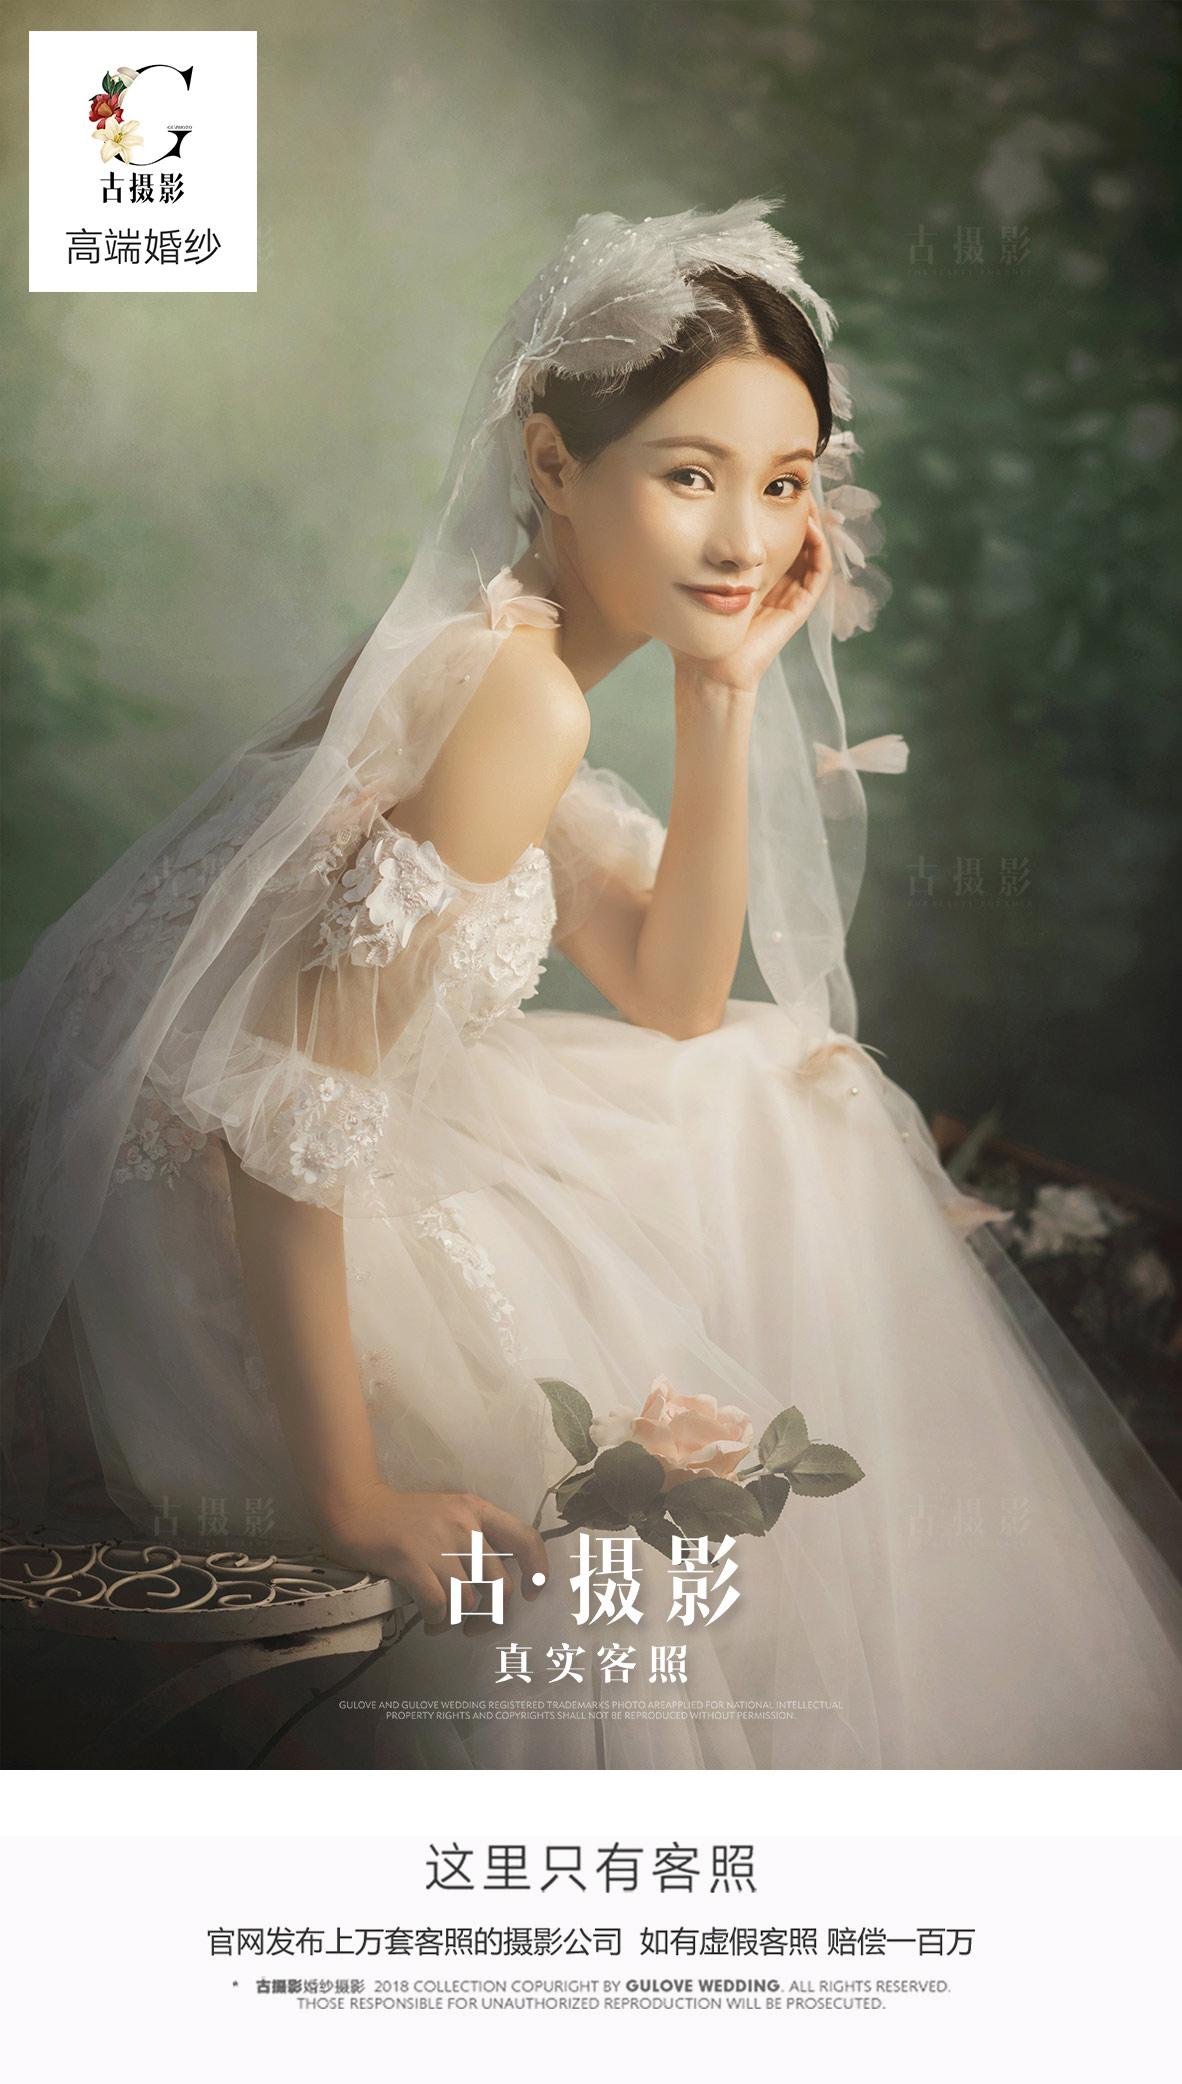 3月客照第二季 - 月度客照 - 古摄影婚纱艺术-古摄影成都婚纱摄影艺术摄影网